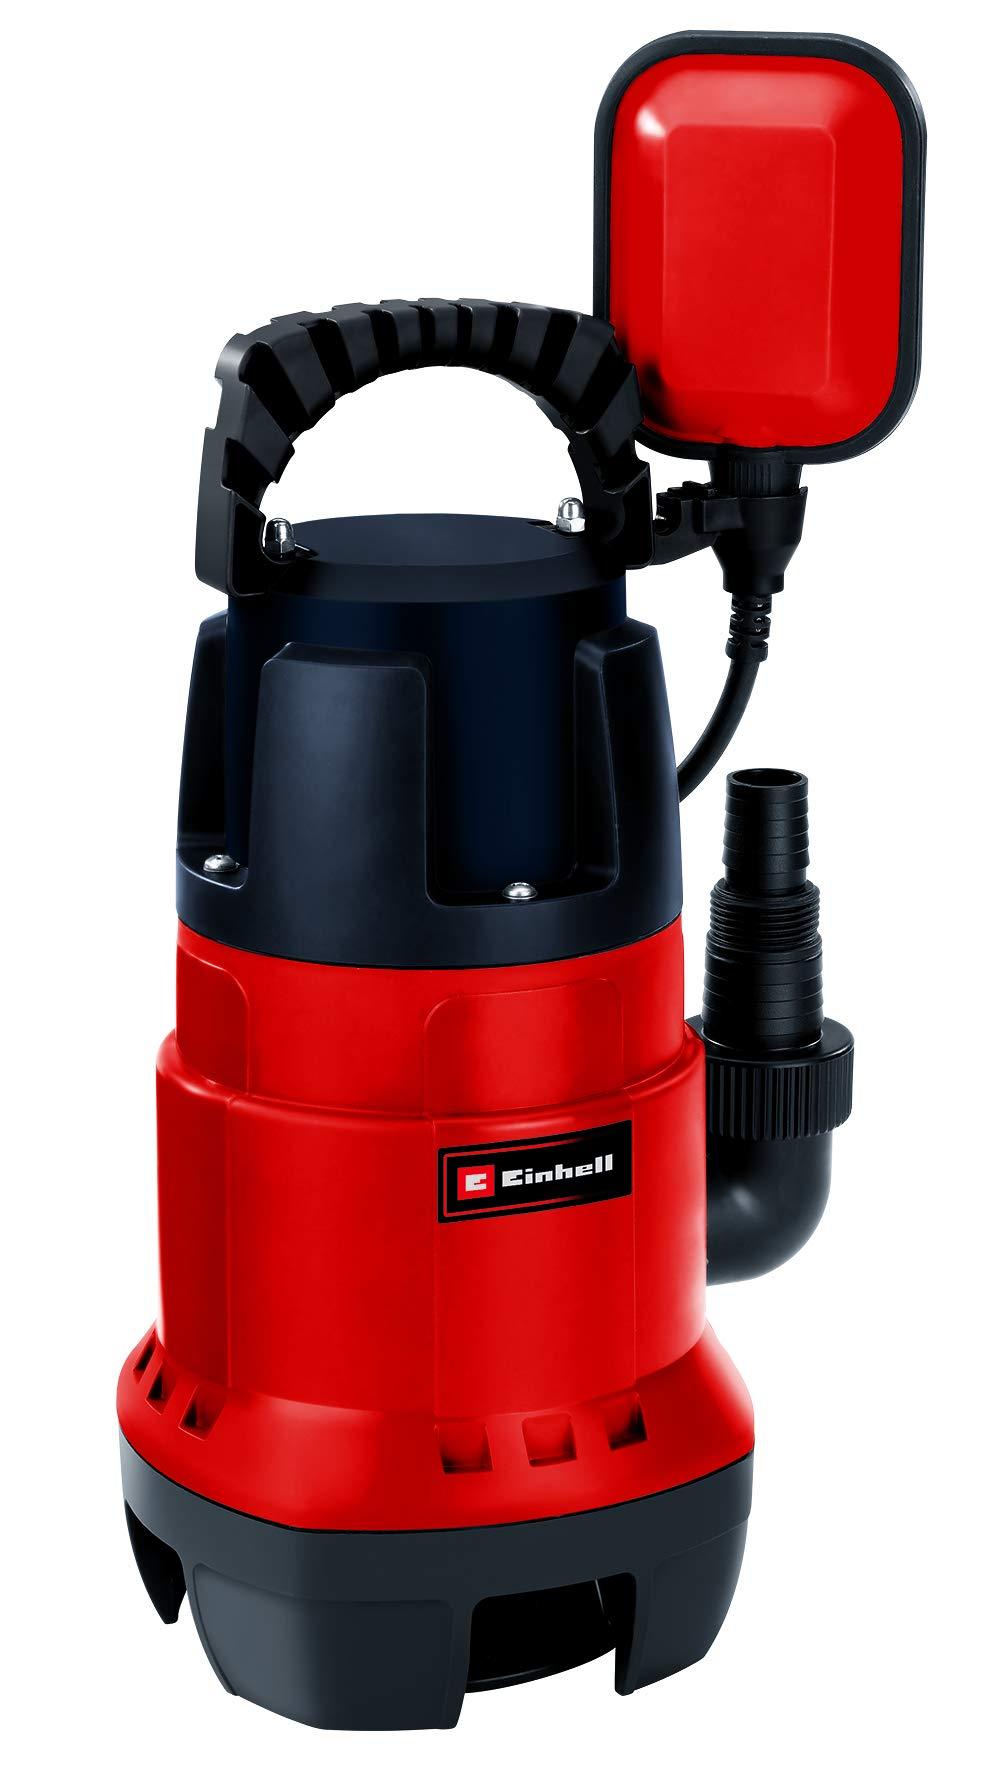 Einhell GH-DP 7835 Pompe d'évacuation eau chargée